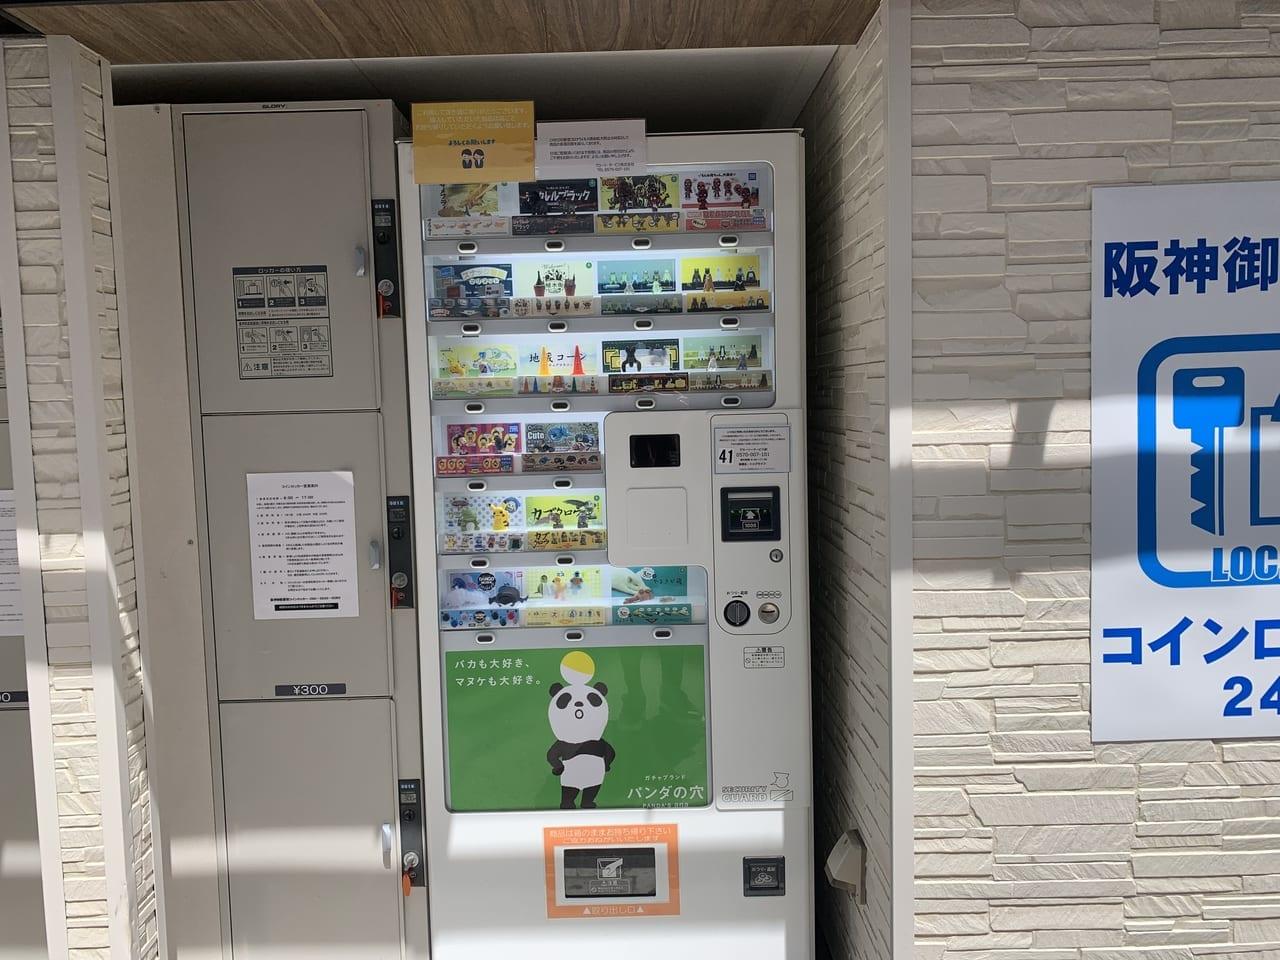 阪神御影駅・ガチャガチャ